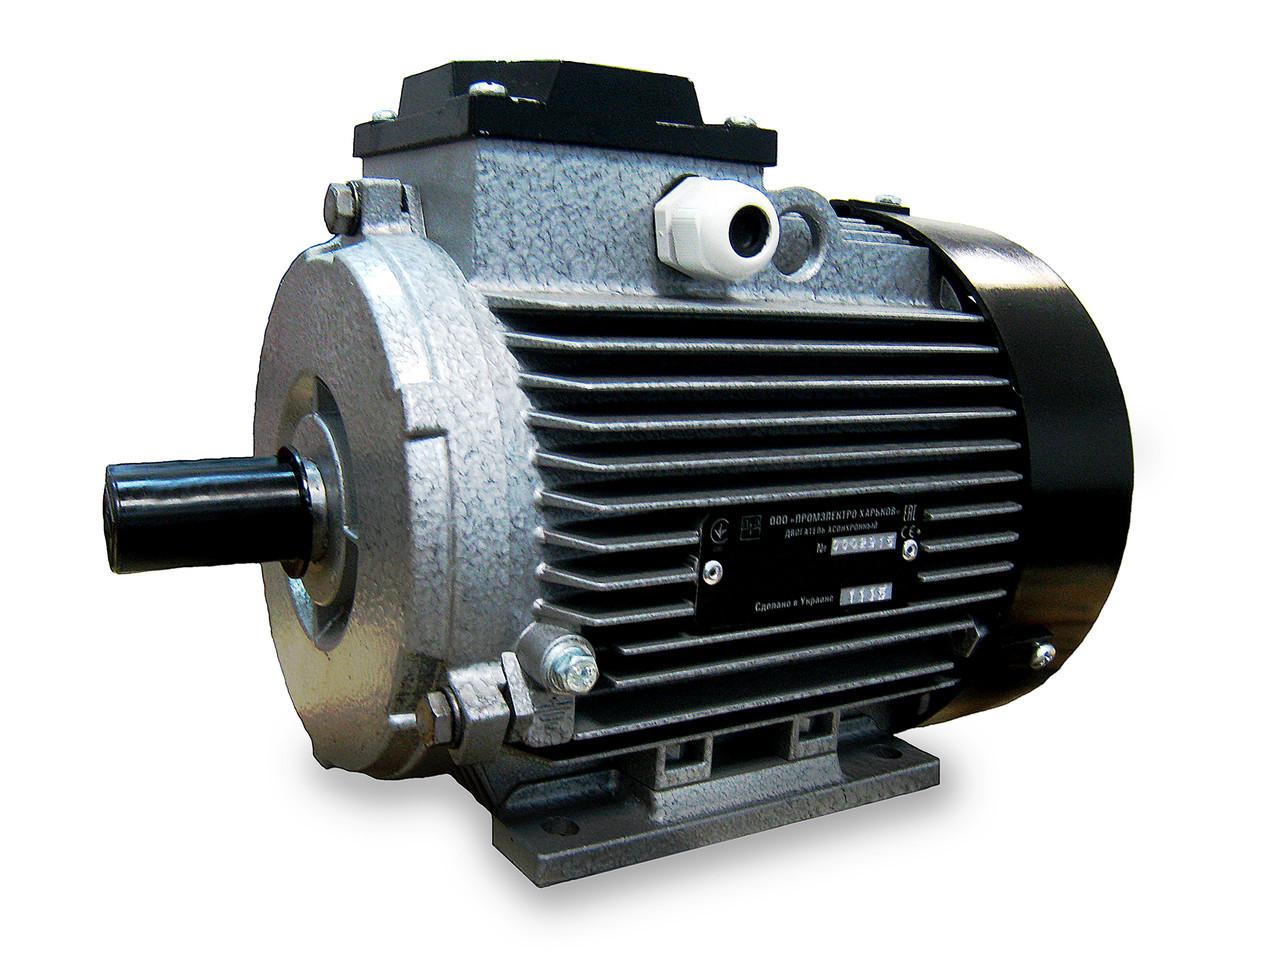 Трёхфазный электродвигатель АИР 80 В6 У2 (1.1 кВт, 1000 об/мин)